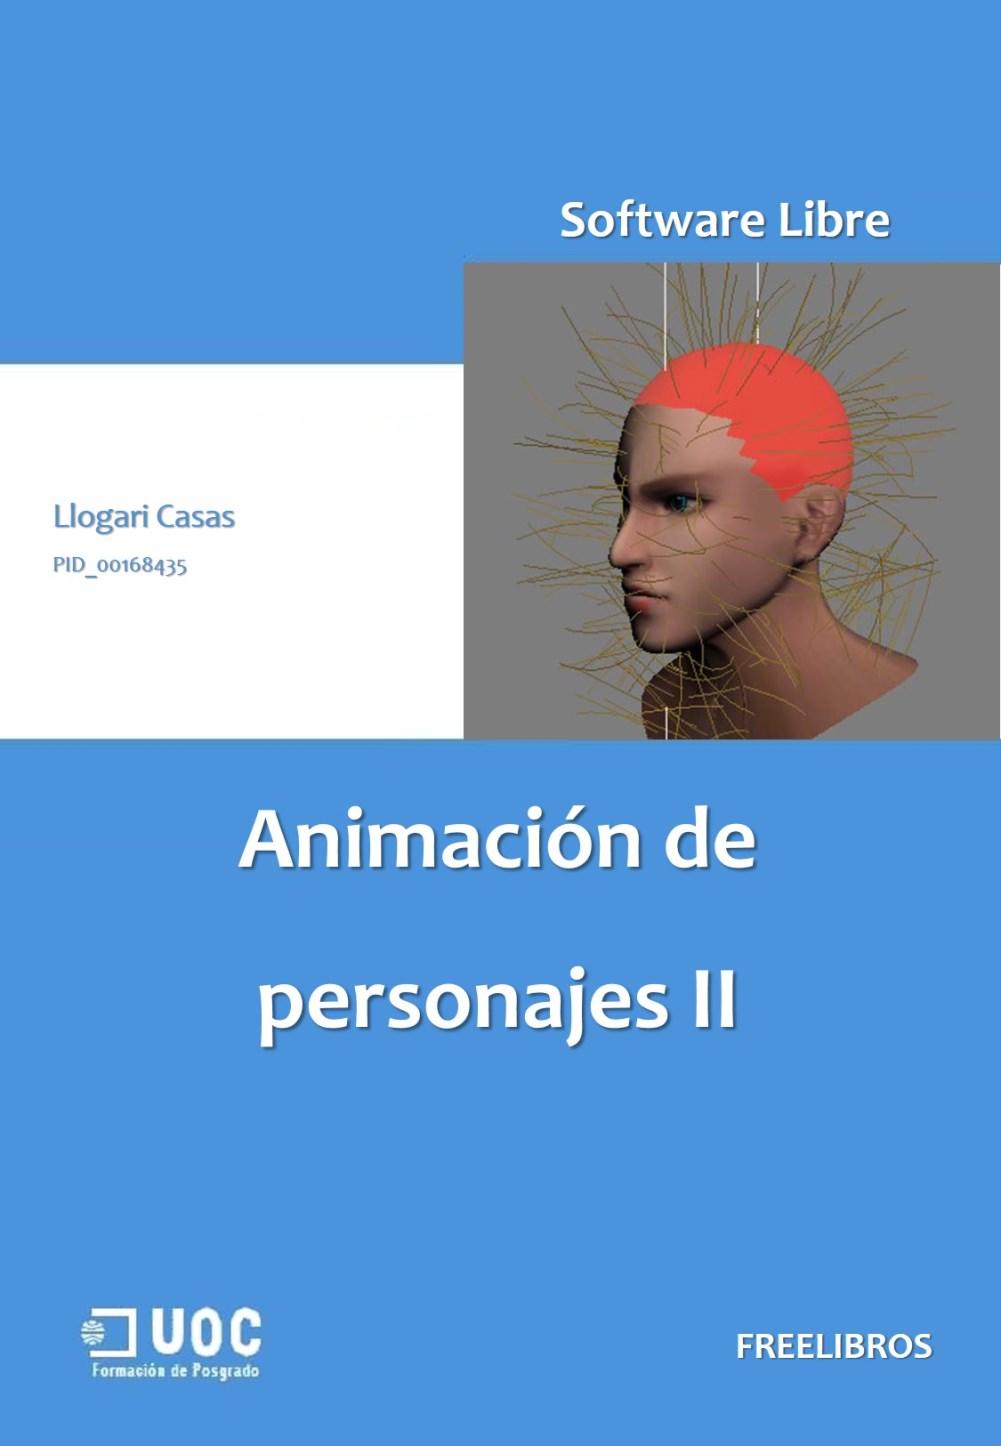 Animación de personajes II – Llogari Casas